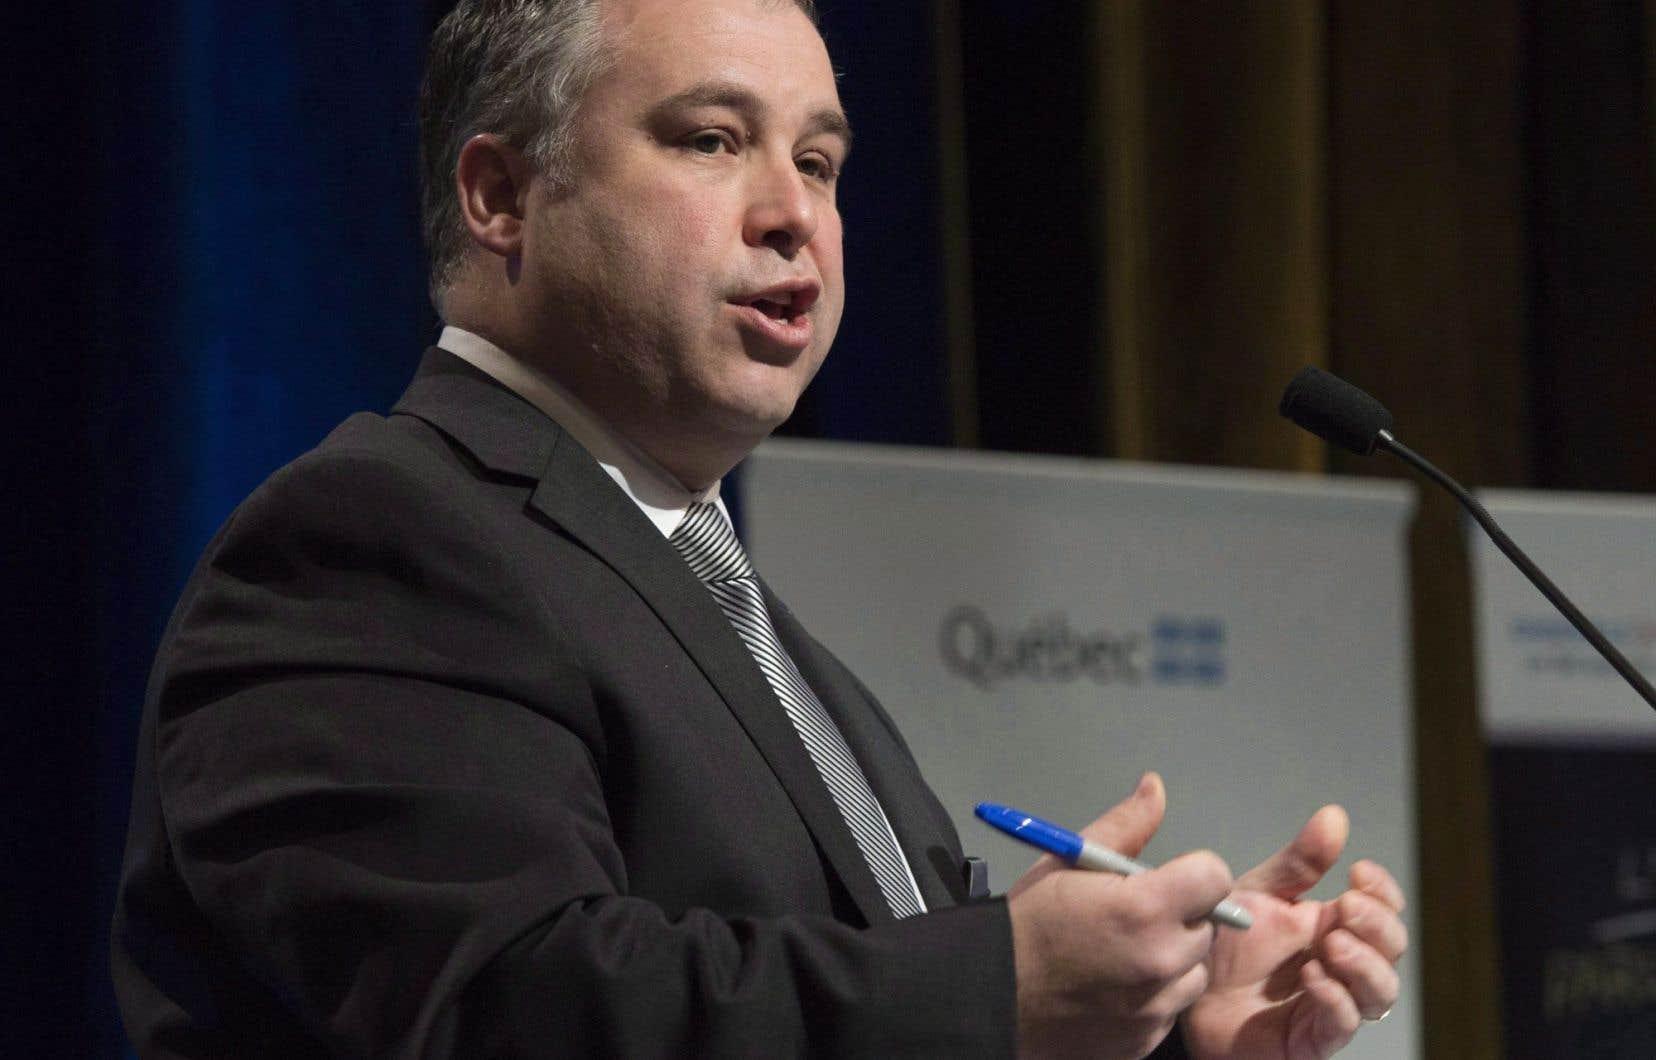 Le ministre de l'Éducation Sébastien Proulx jongle notamment avec l'idée de créer un ordre professionnel pour les orthopédagogues.